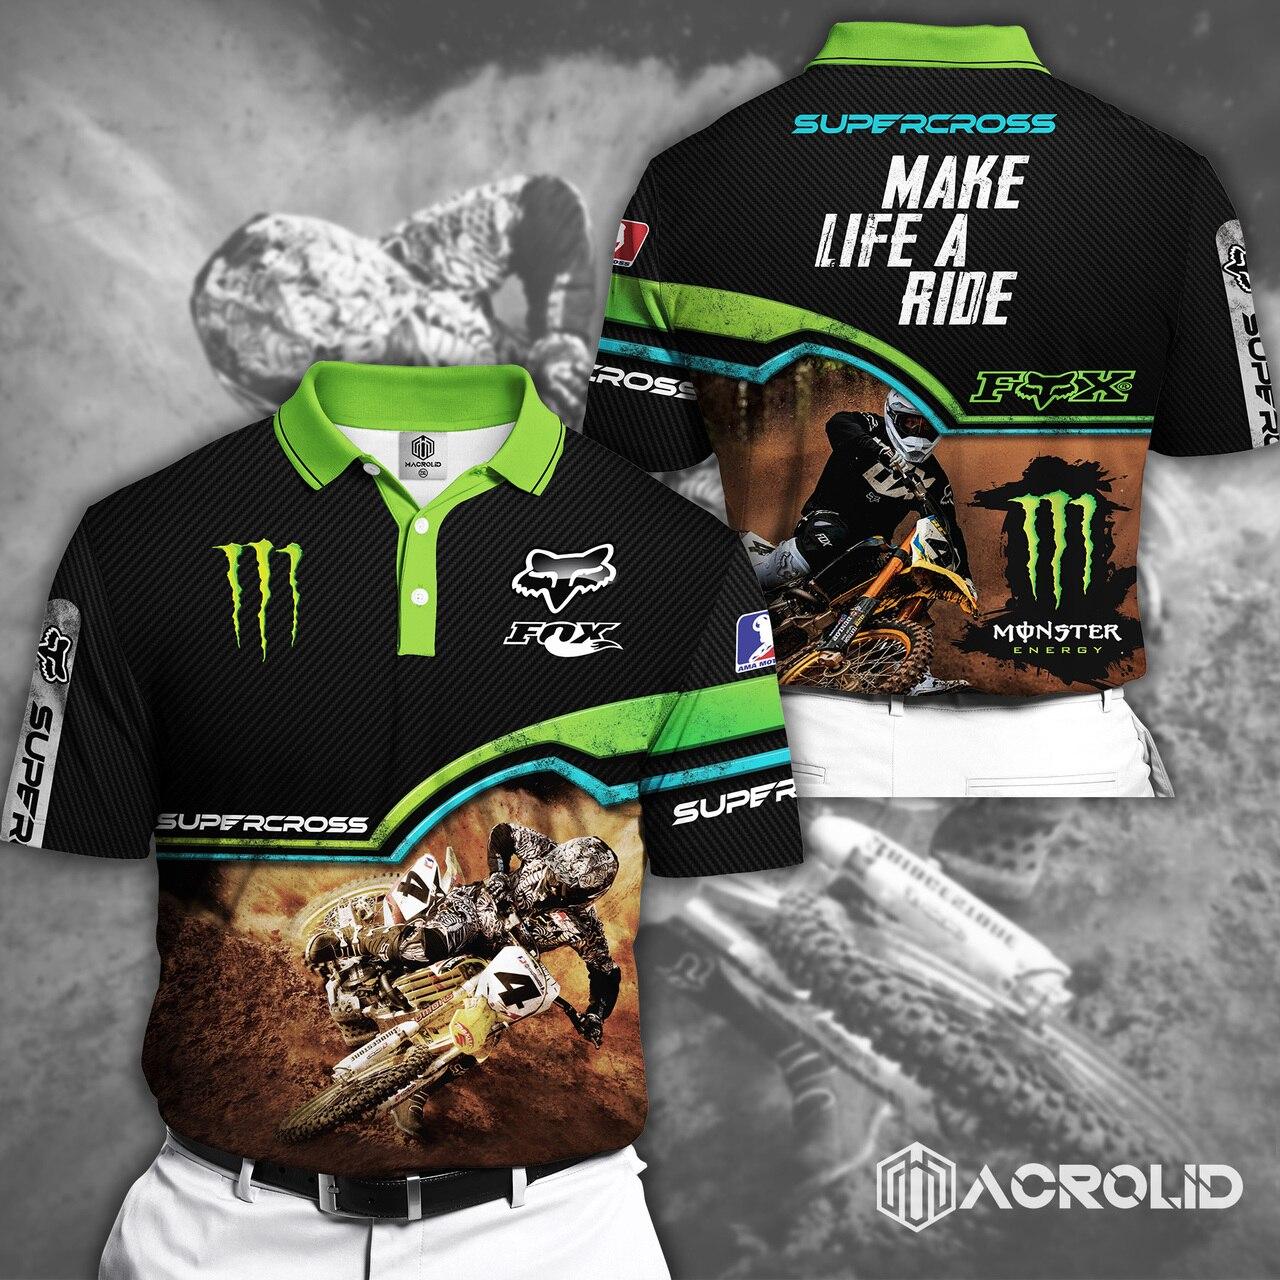 Fox racing monster energy make life a ride full printing polo